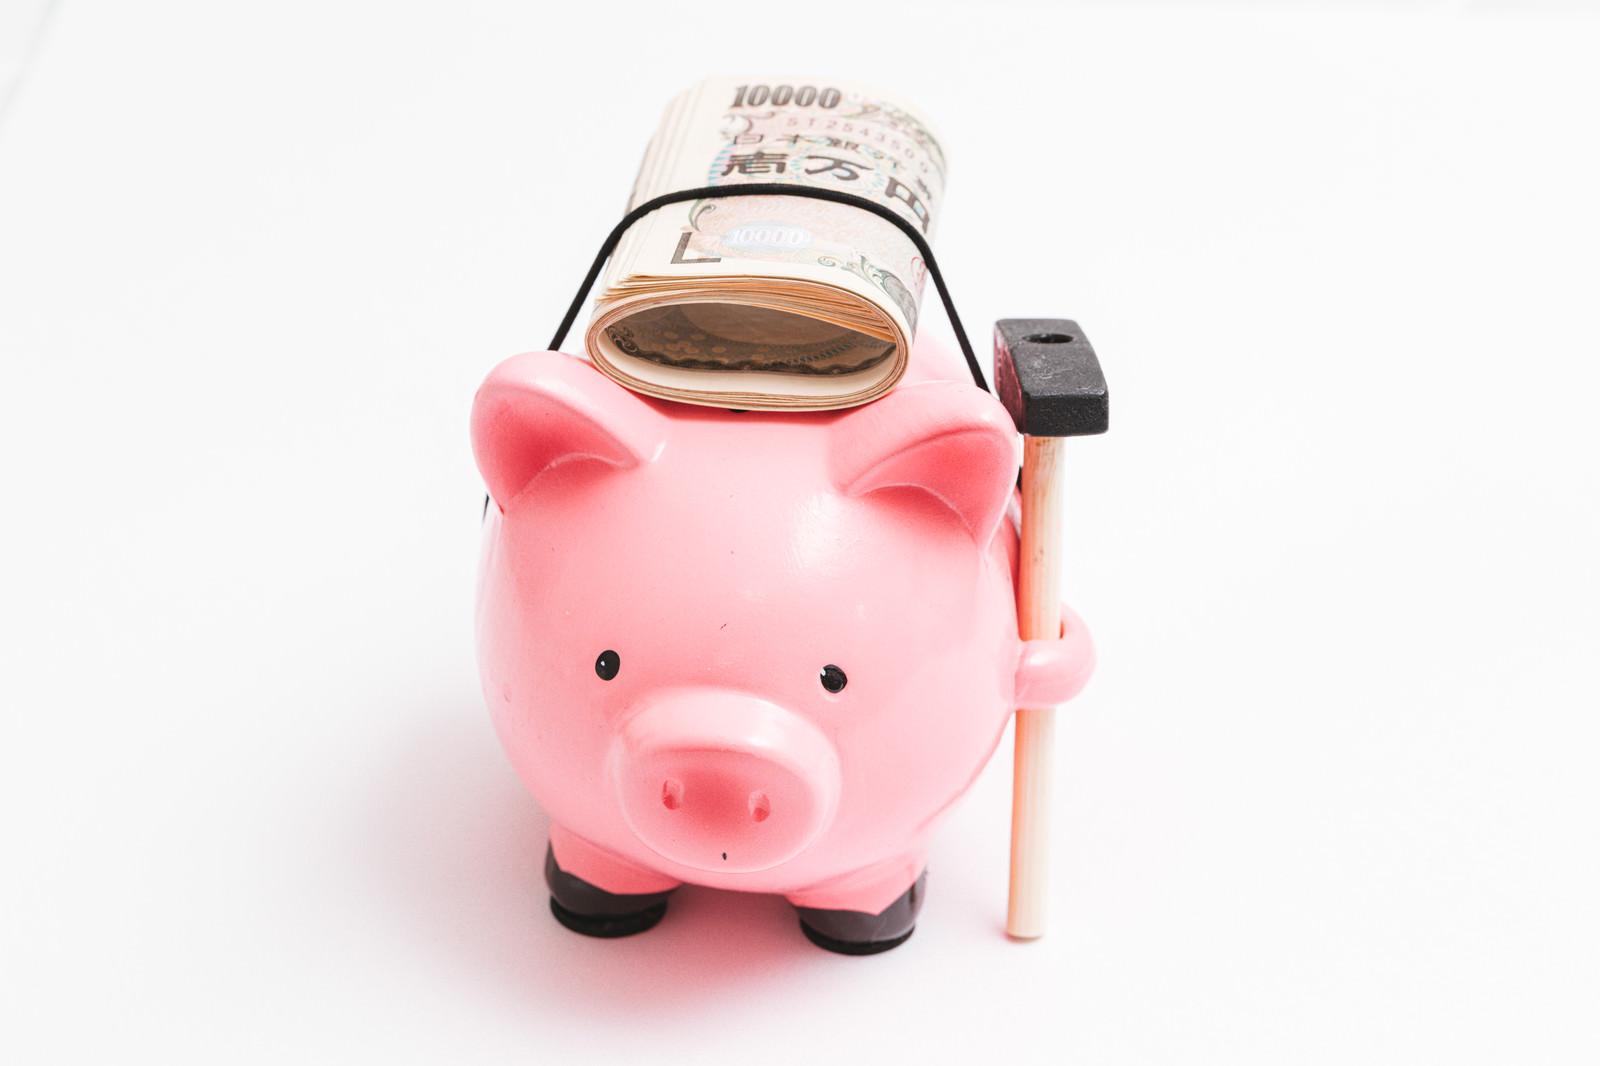 頭の上に一万円札を乗せているブタの貯金箱の写真